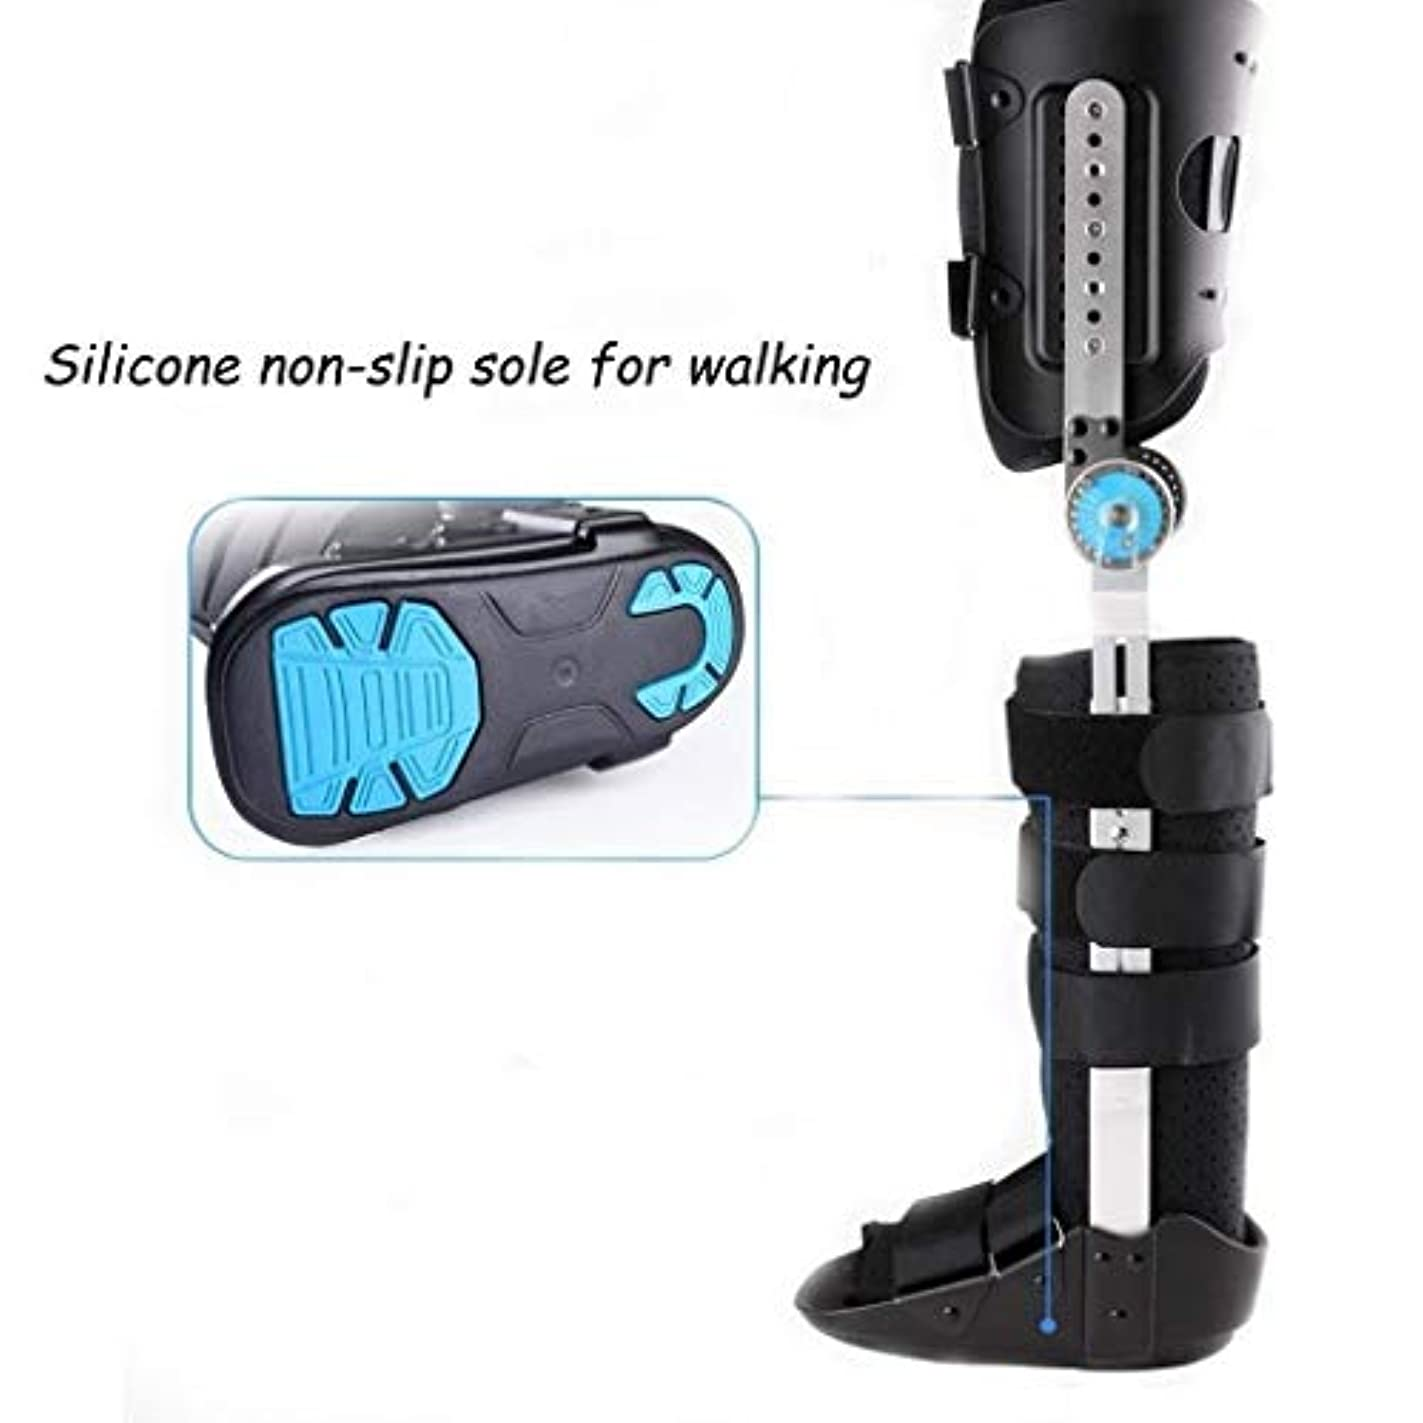 持続的関連付ける動かす膝ブレースヒンジ付きヒンジスタビライザー膝関節サポート装具靭帯ケア膝ブレースプロテクター関節炎、術後、メニスカスティア、ACL、MCL、PCL (Color : As Picture, Size : Left-L)